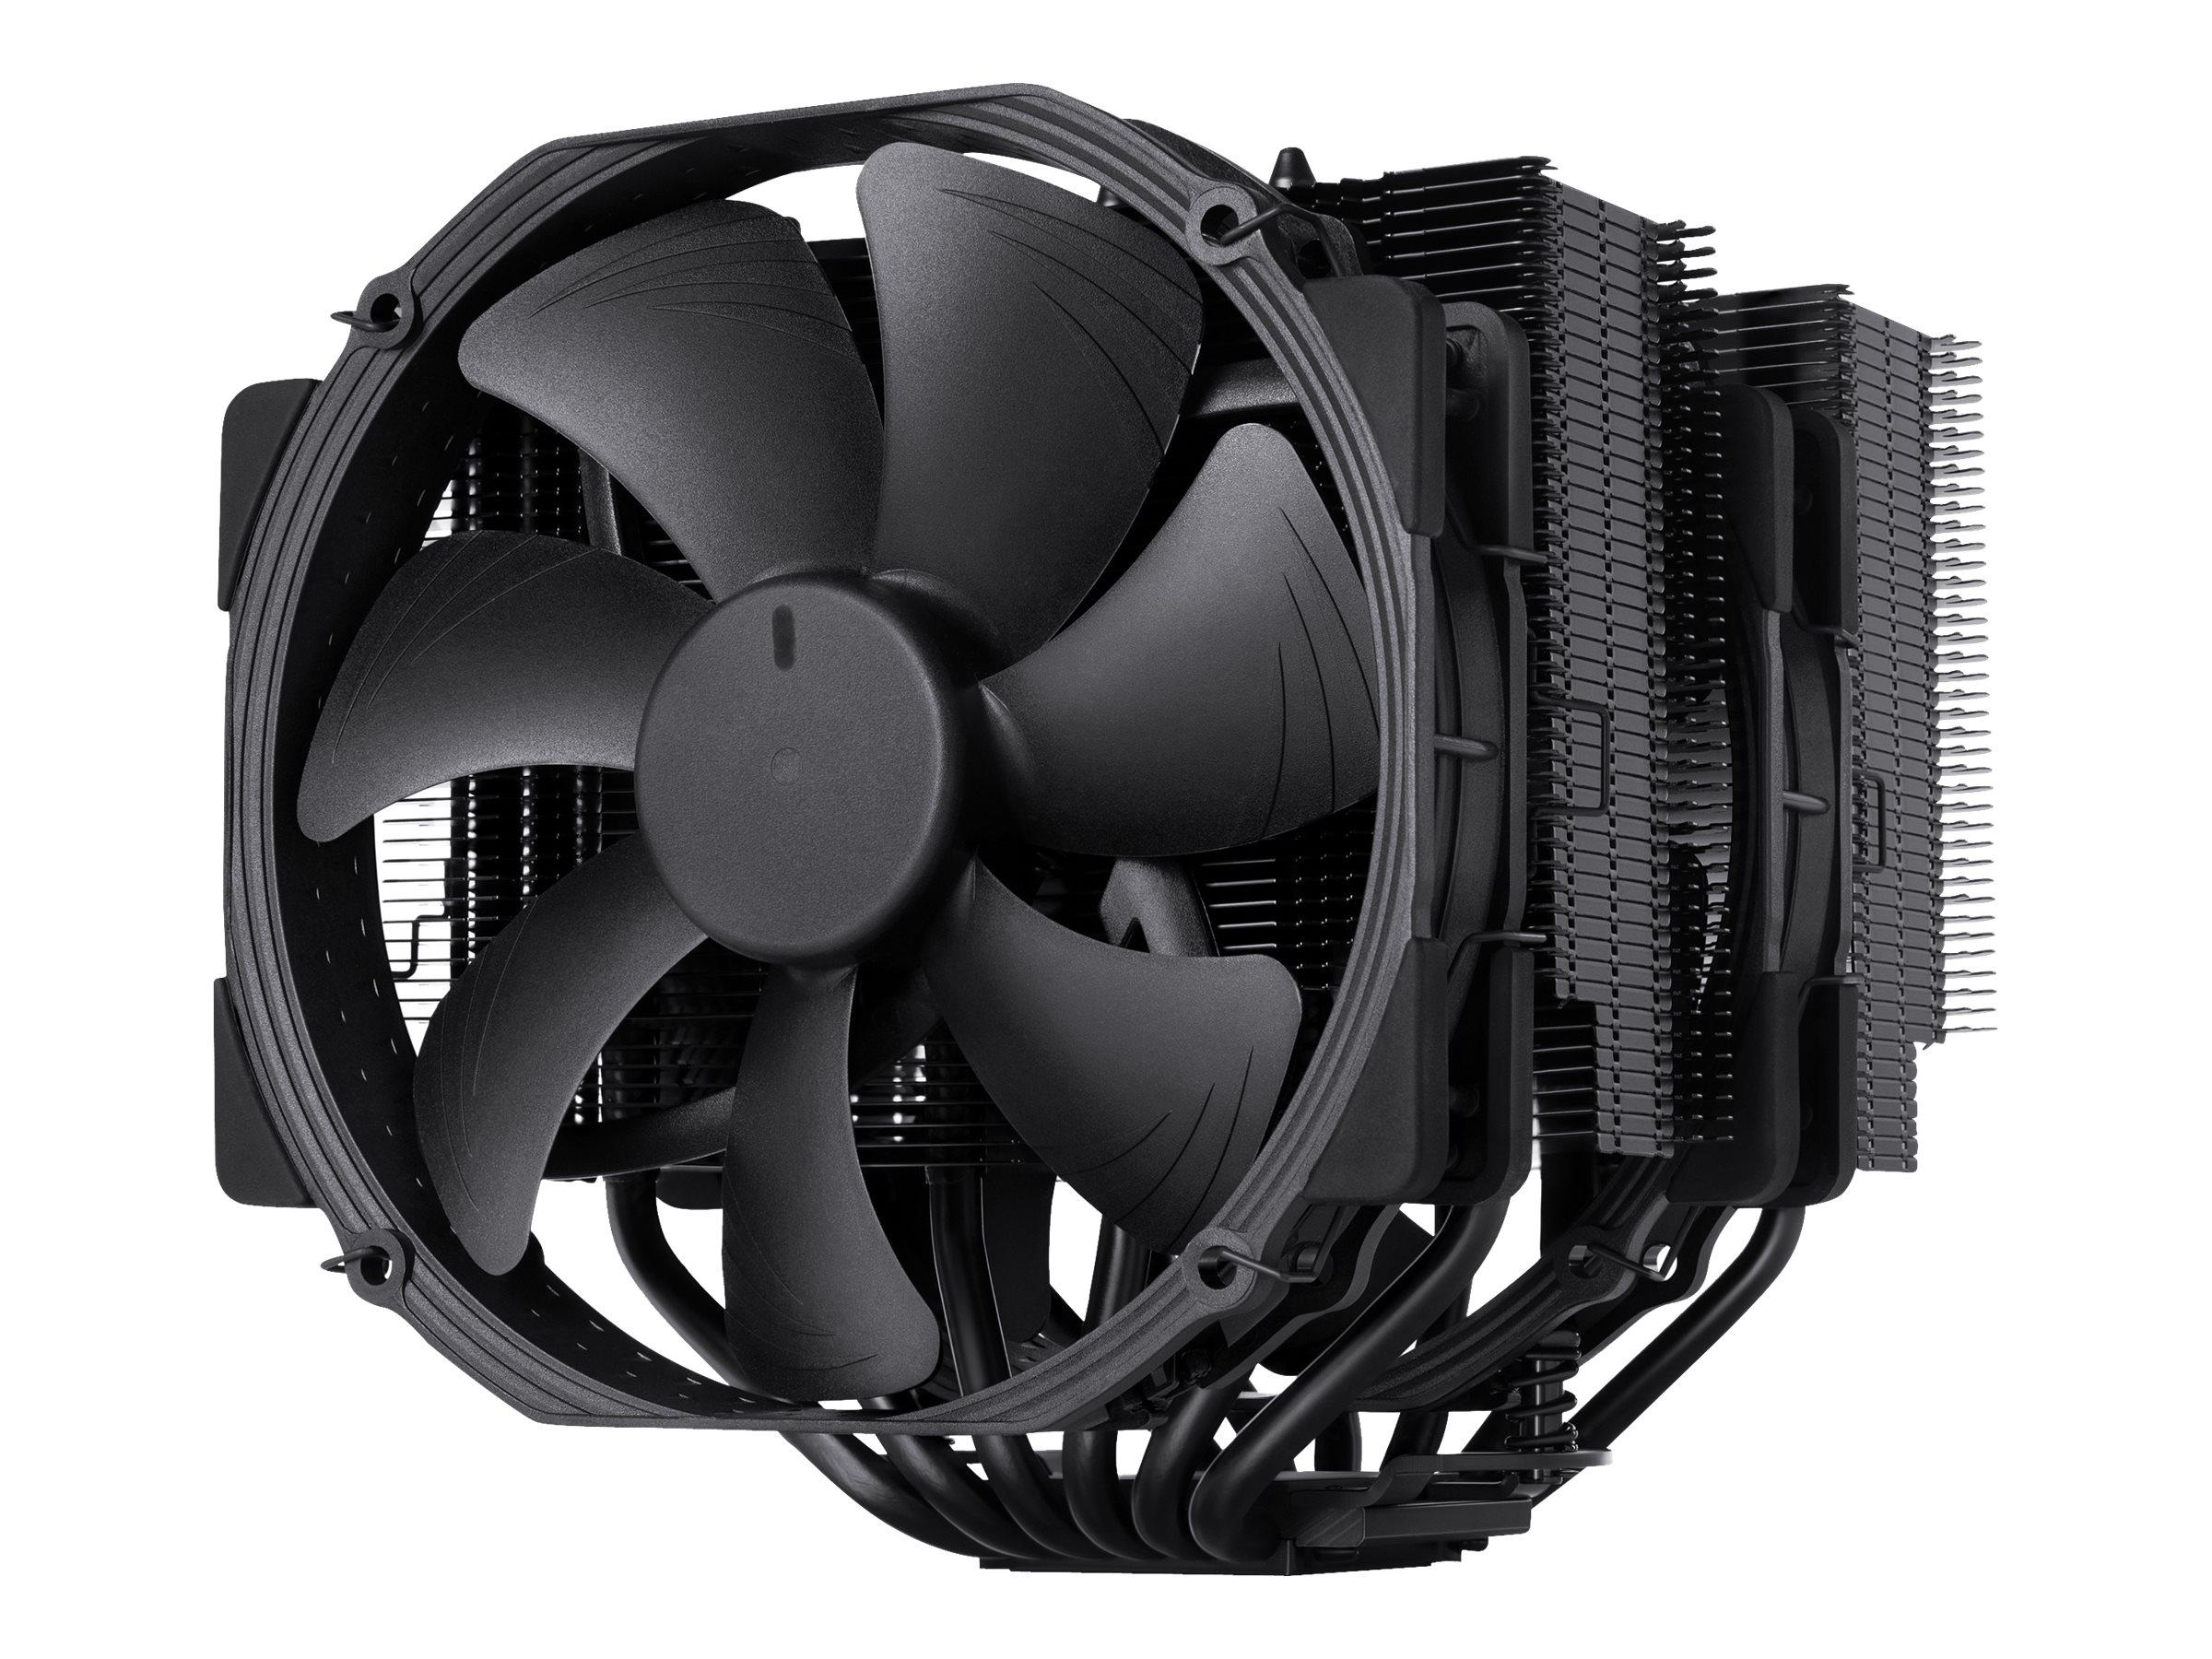 Noctua NH-D15 - Prozessor-Luftkühler - (für: LGA1156, AM2, AM2+, AM3, LGA1155, AM3+, LGA2011, FM1, FM2, LGA1150, FM2+, LGA2011-3